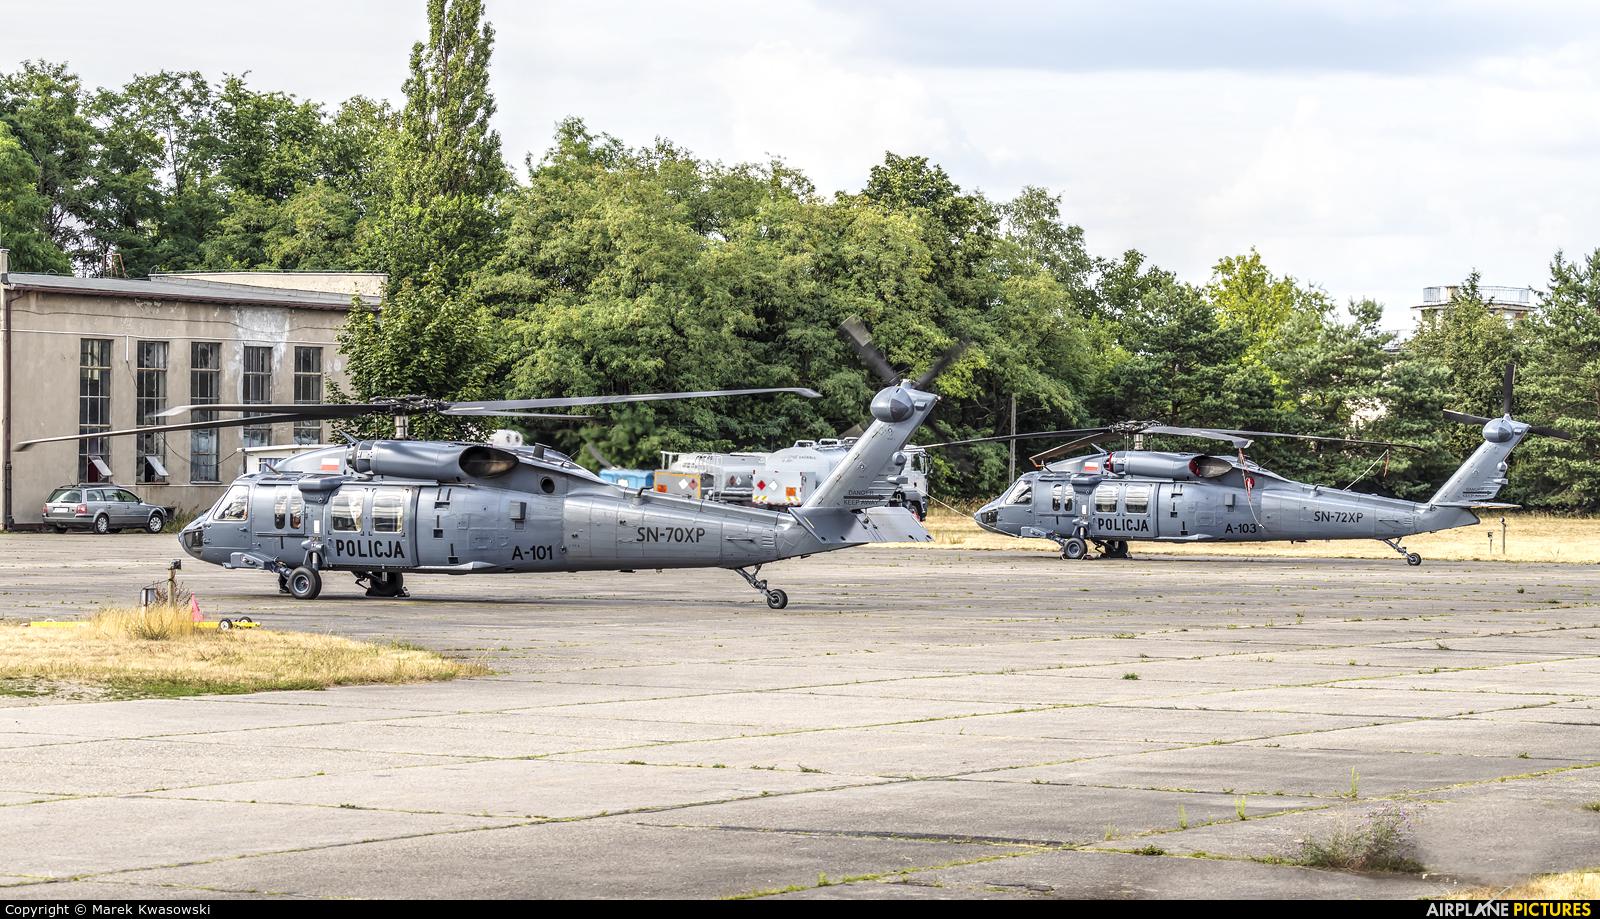 Poland - Police SN-70XP aircraft at Warsaw - Babice